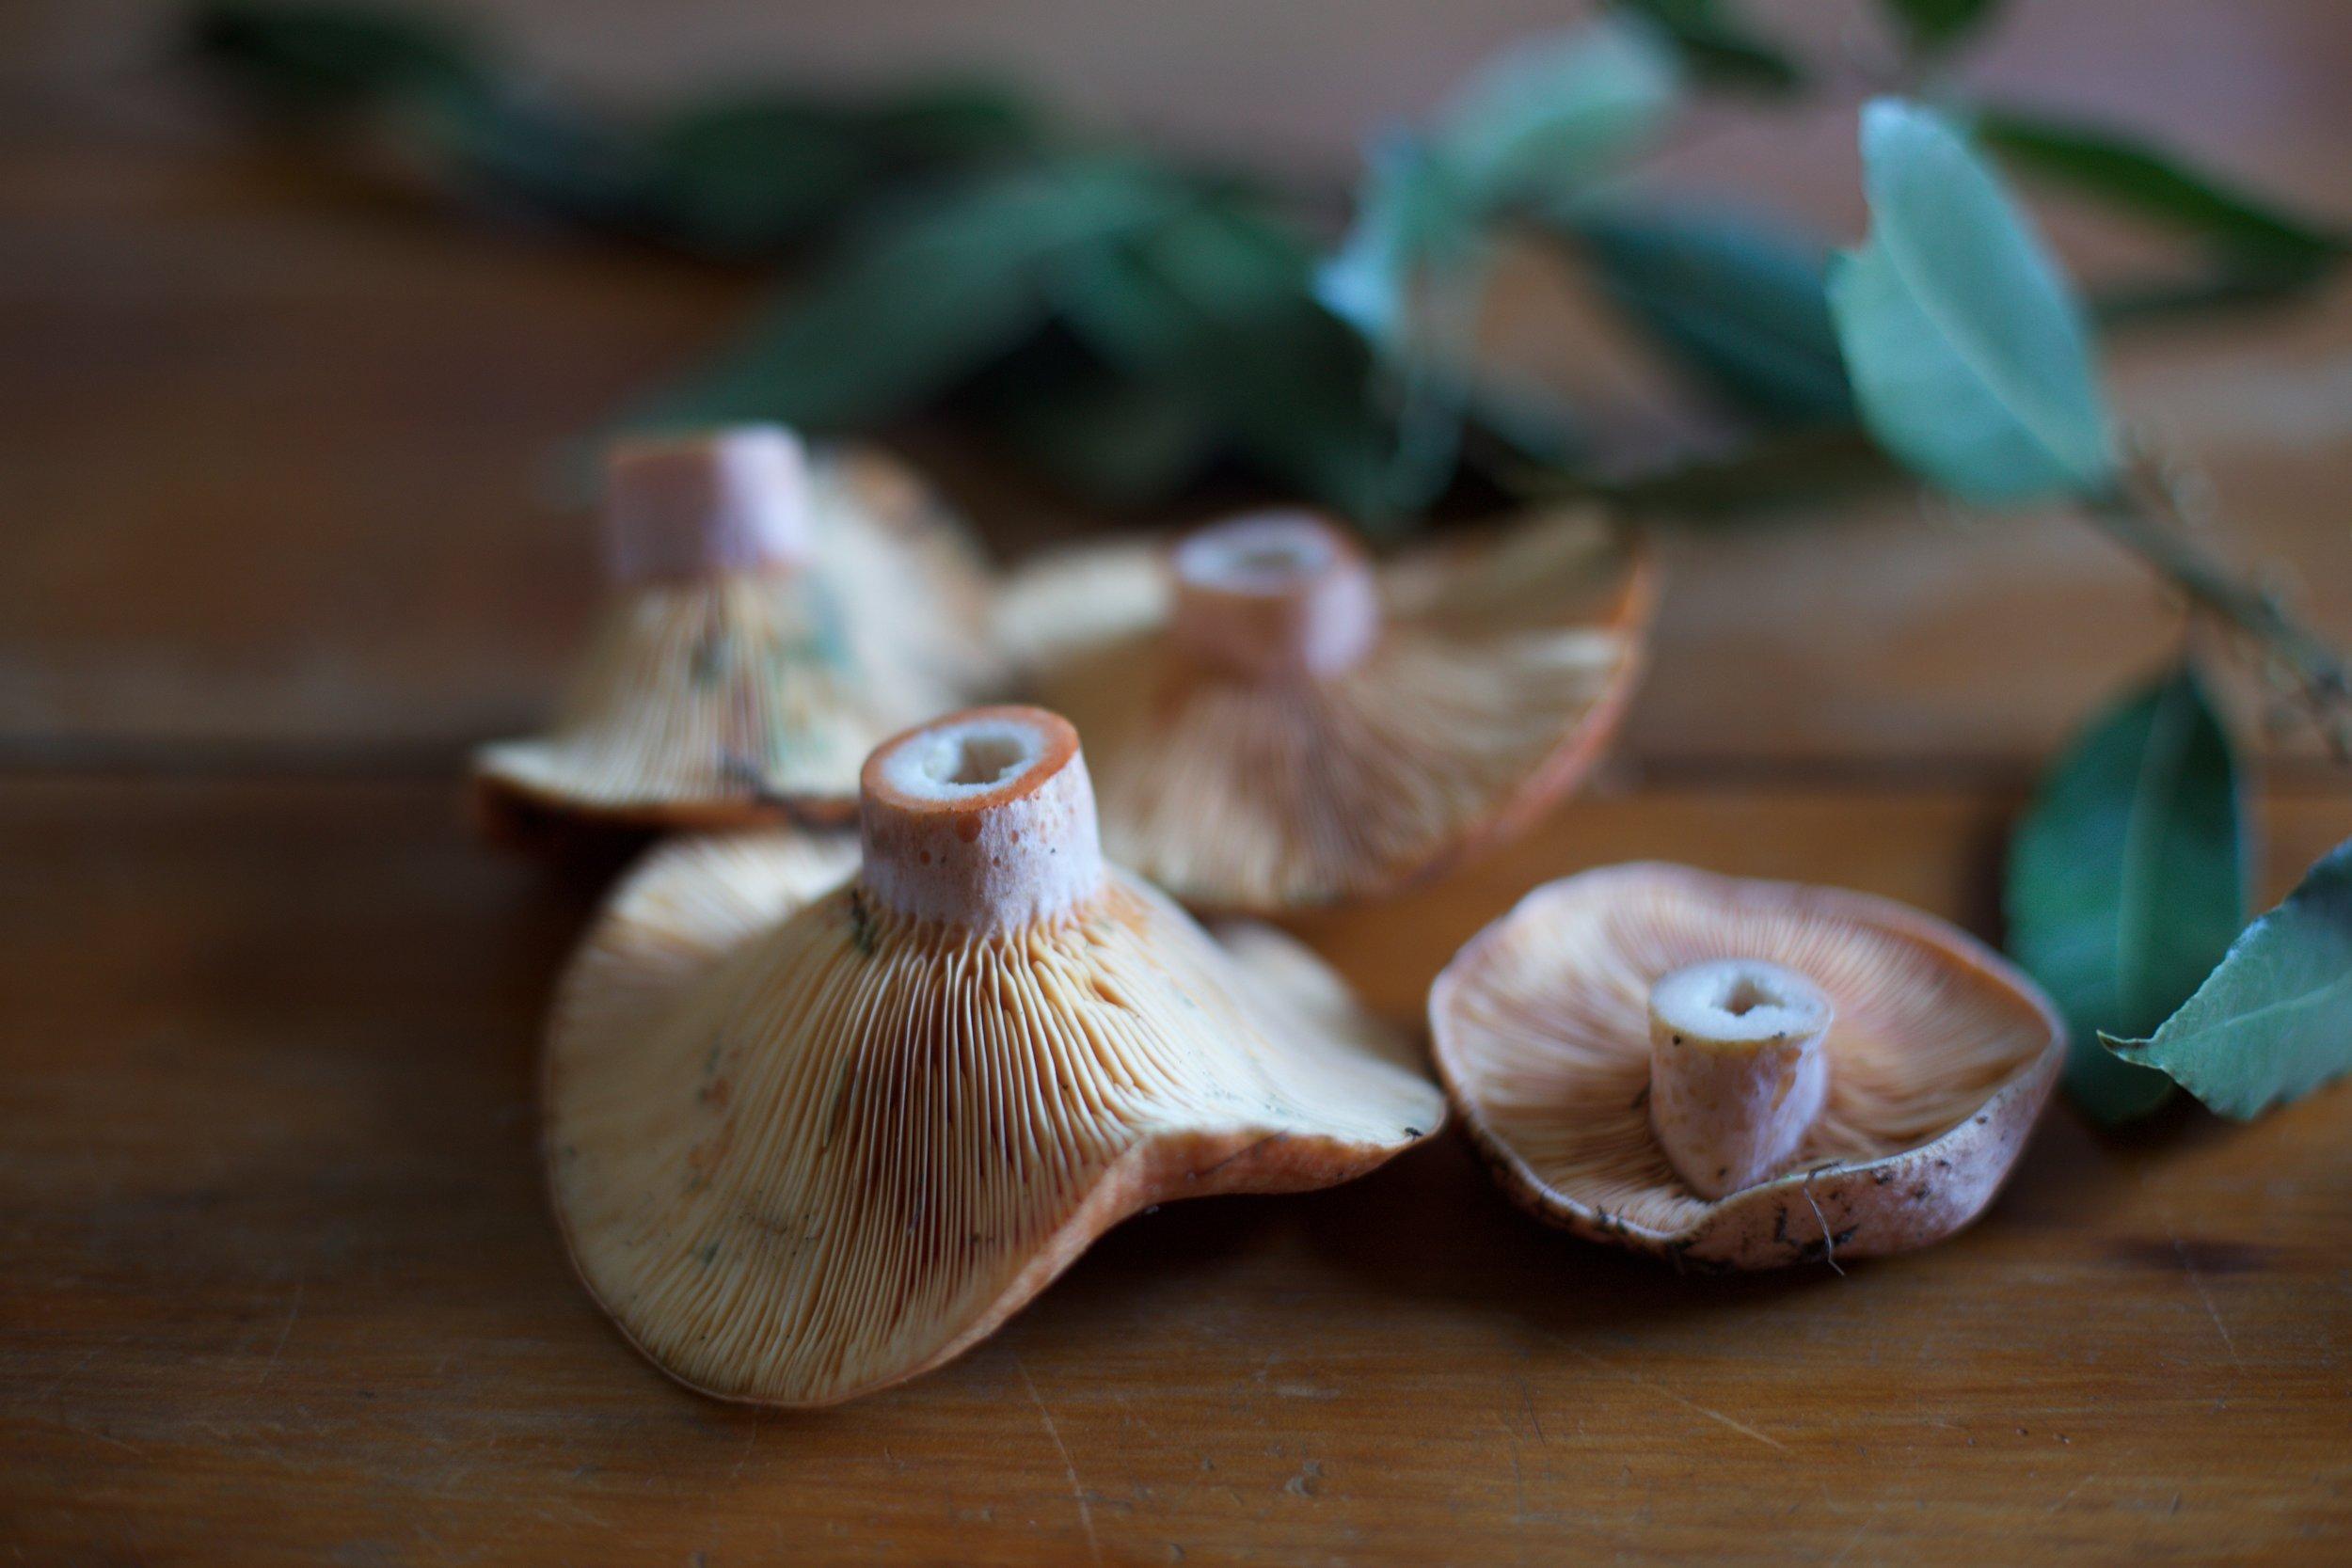 Mushrooms - Photo by Tony De Marco